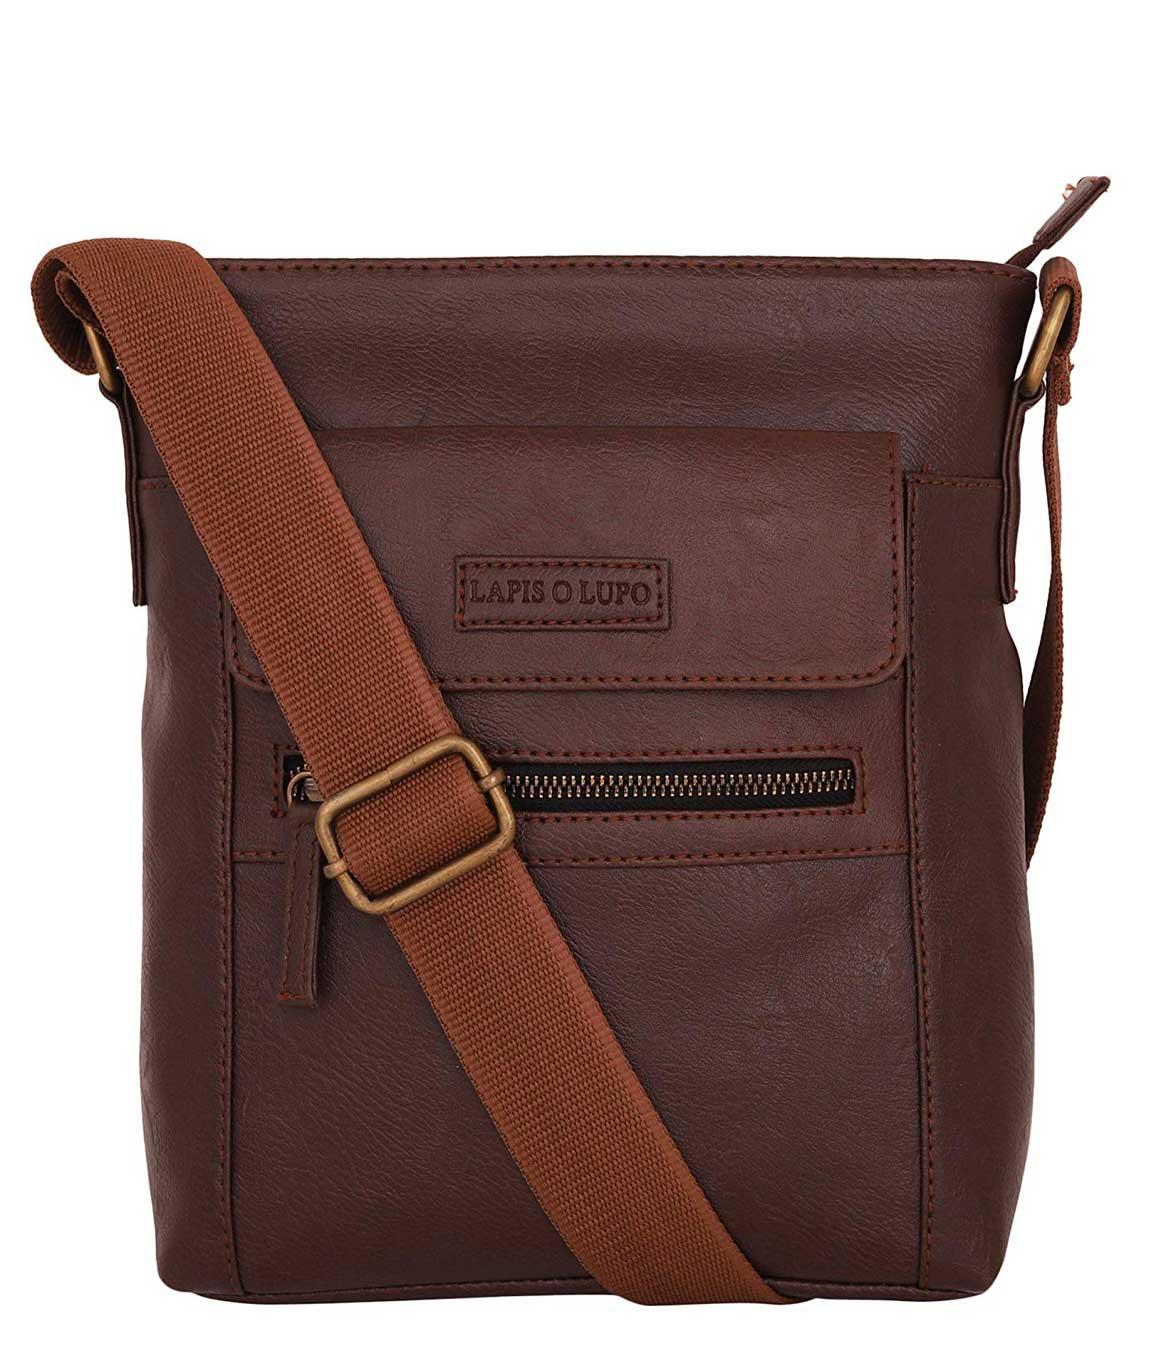 Lapis O Lupo Trendy Men Sling Bag (Brown)